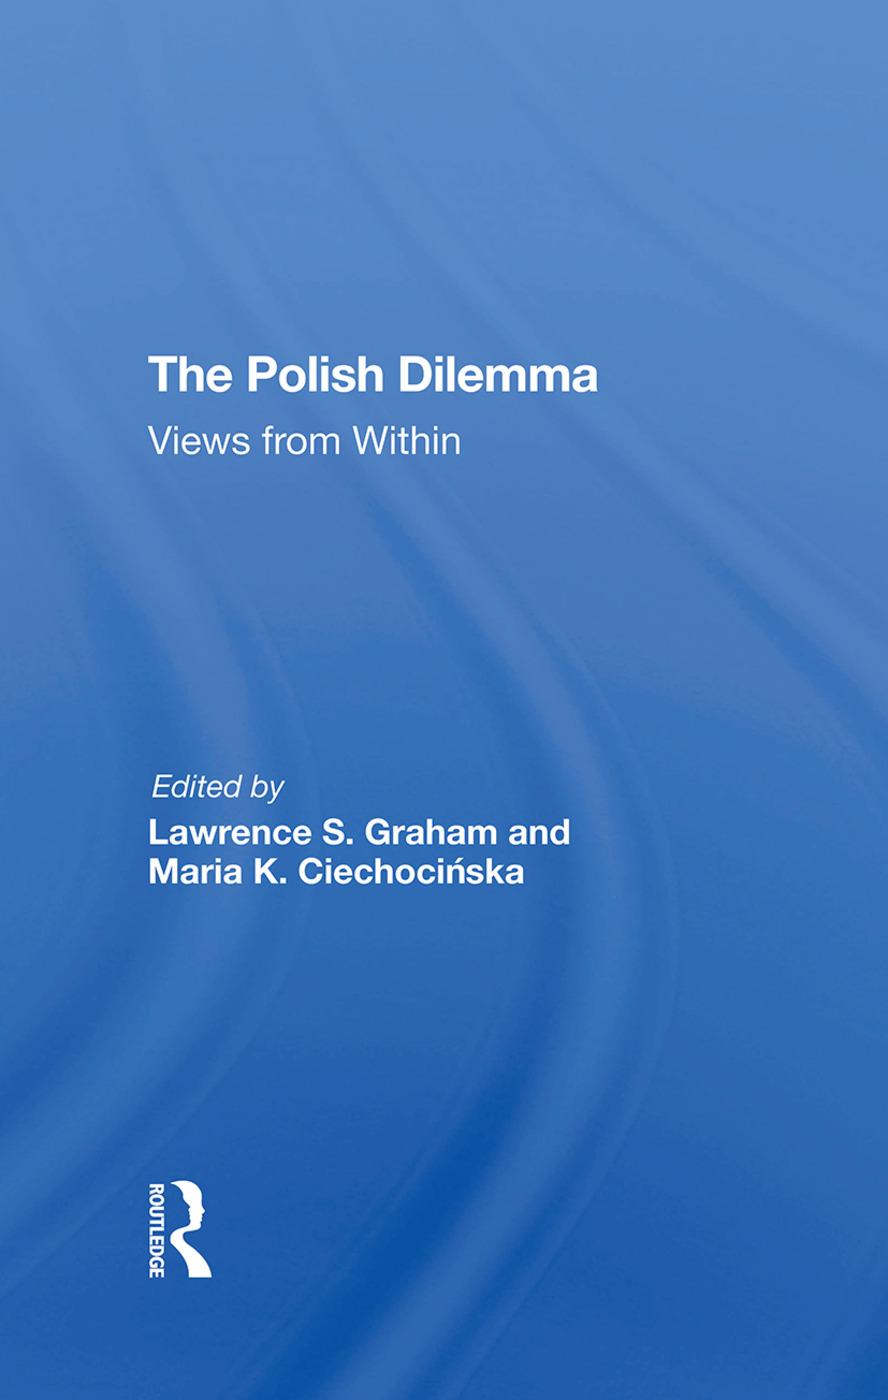 The Polish Dilemma